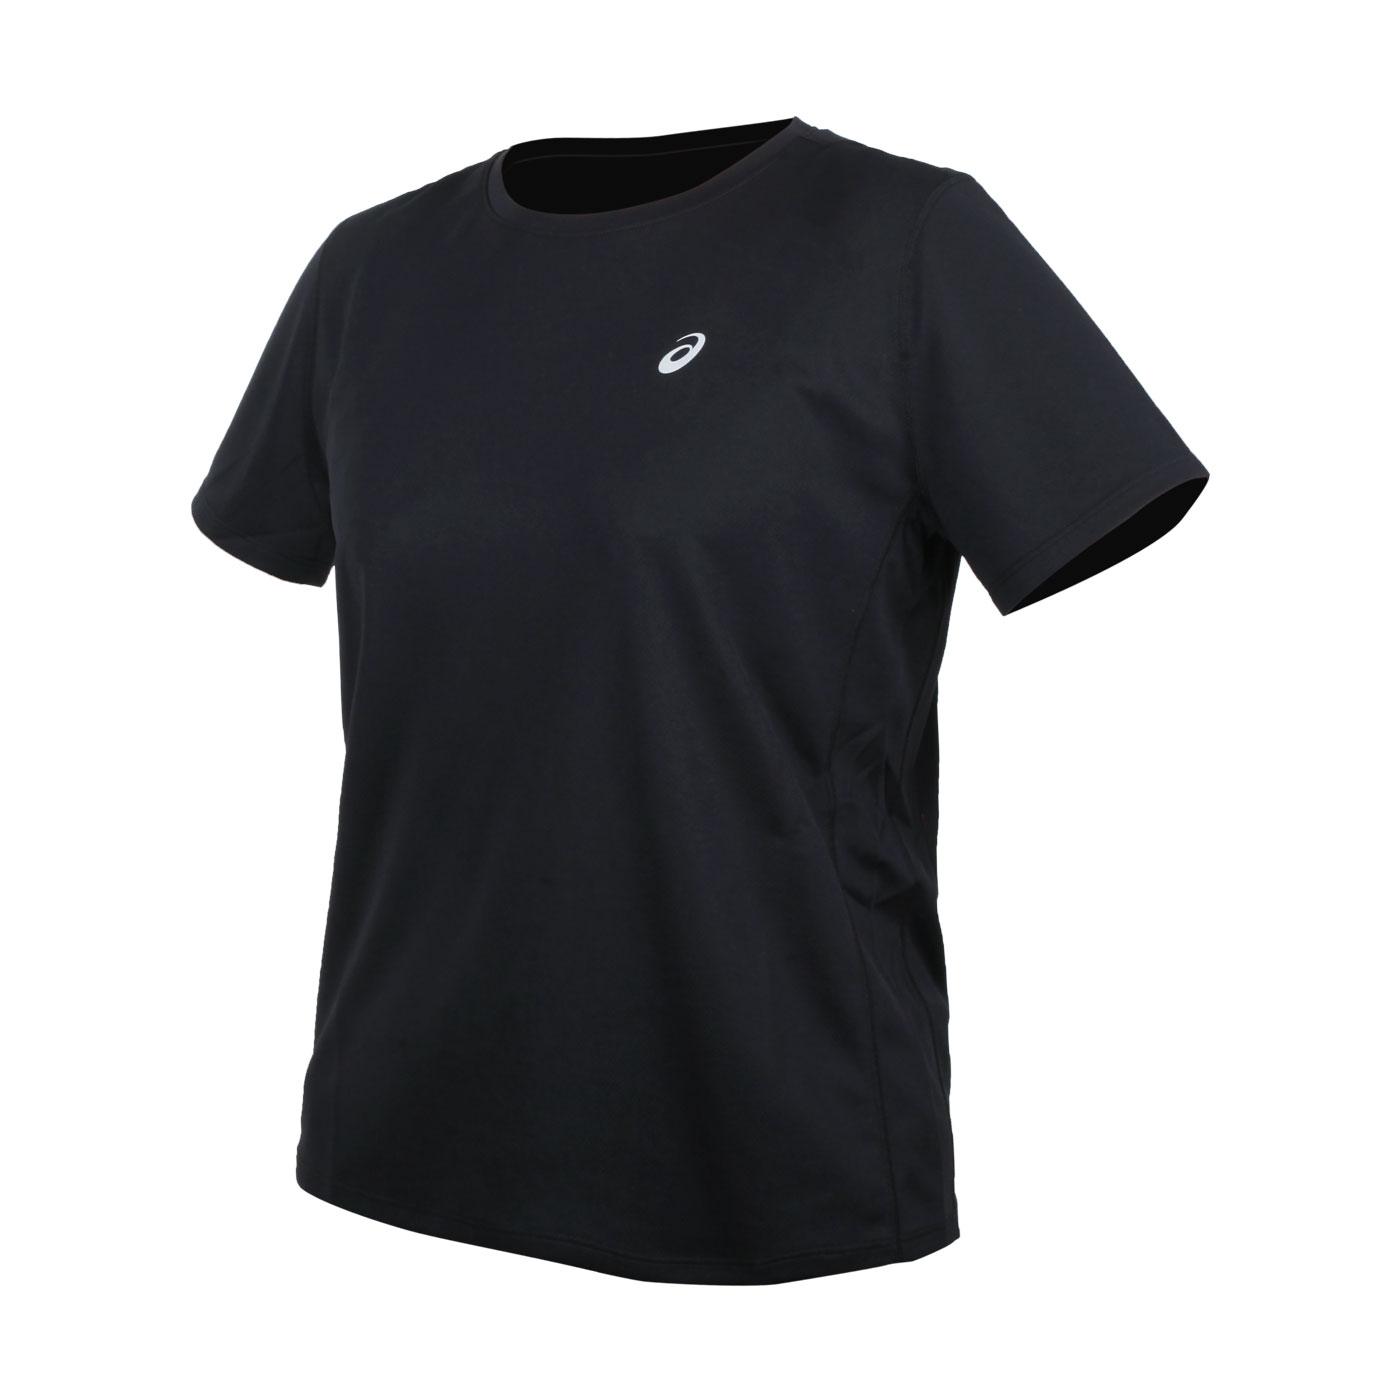 ASICS 女款片假名短袖T恤 2012A827-001 - 黑銀